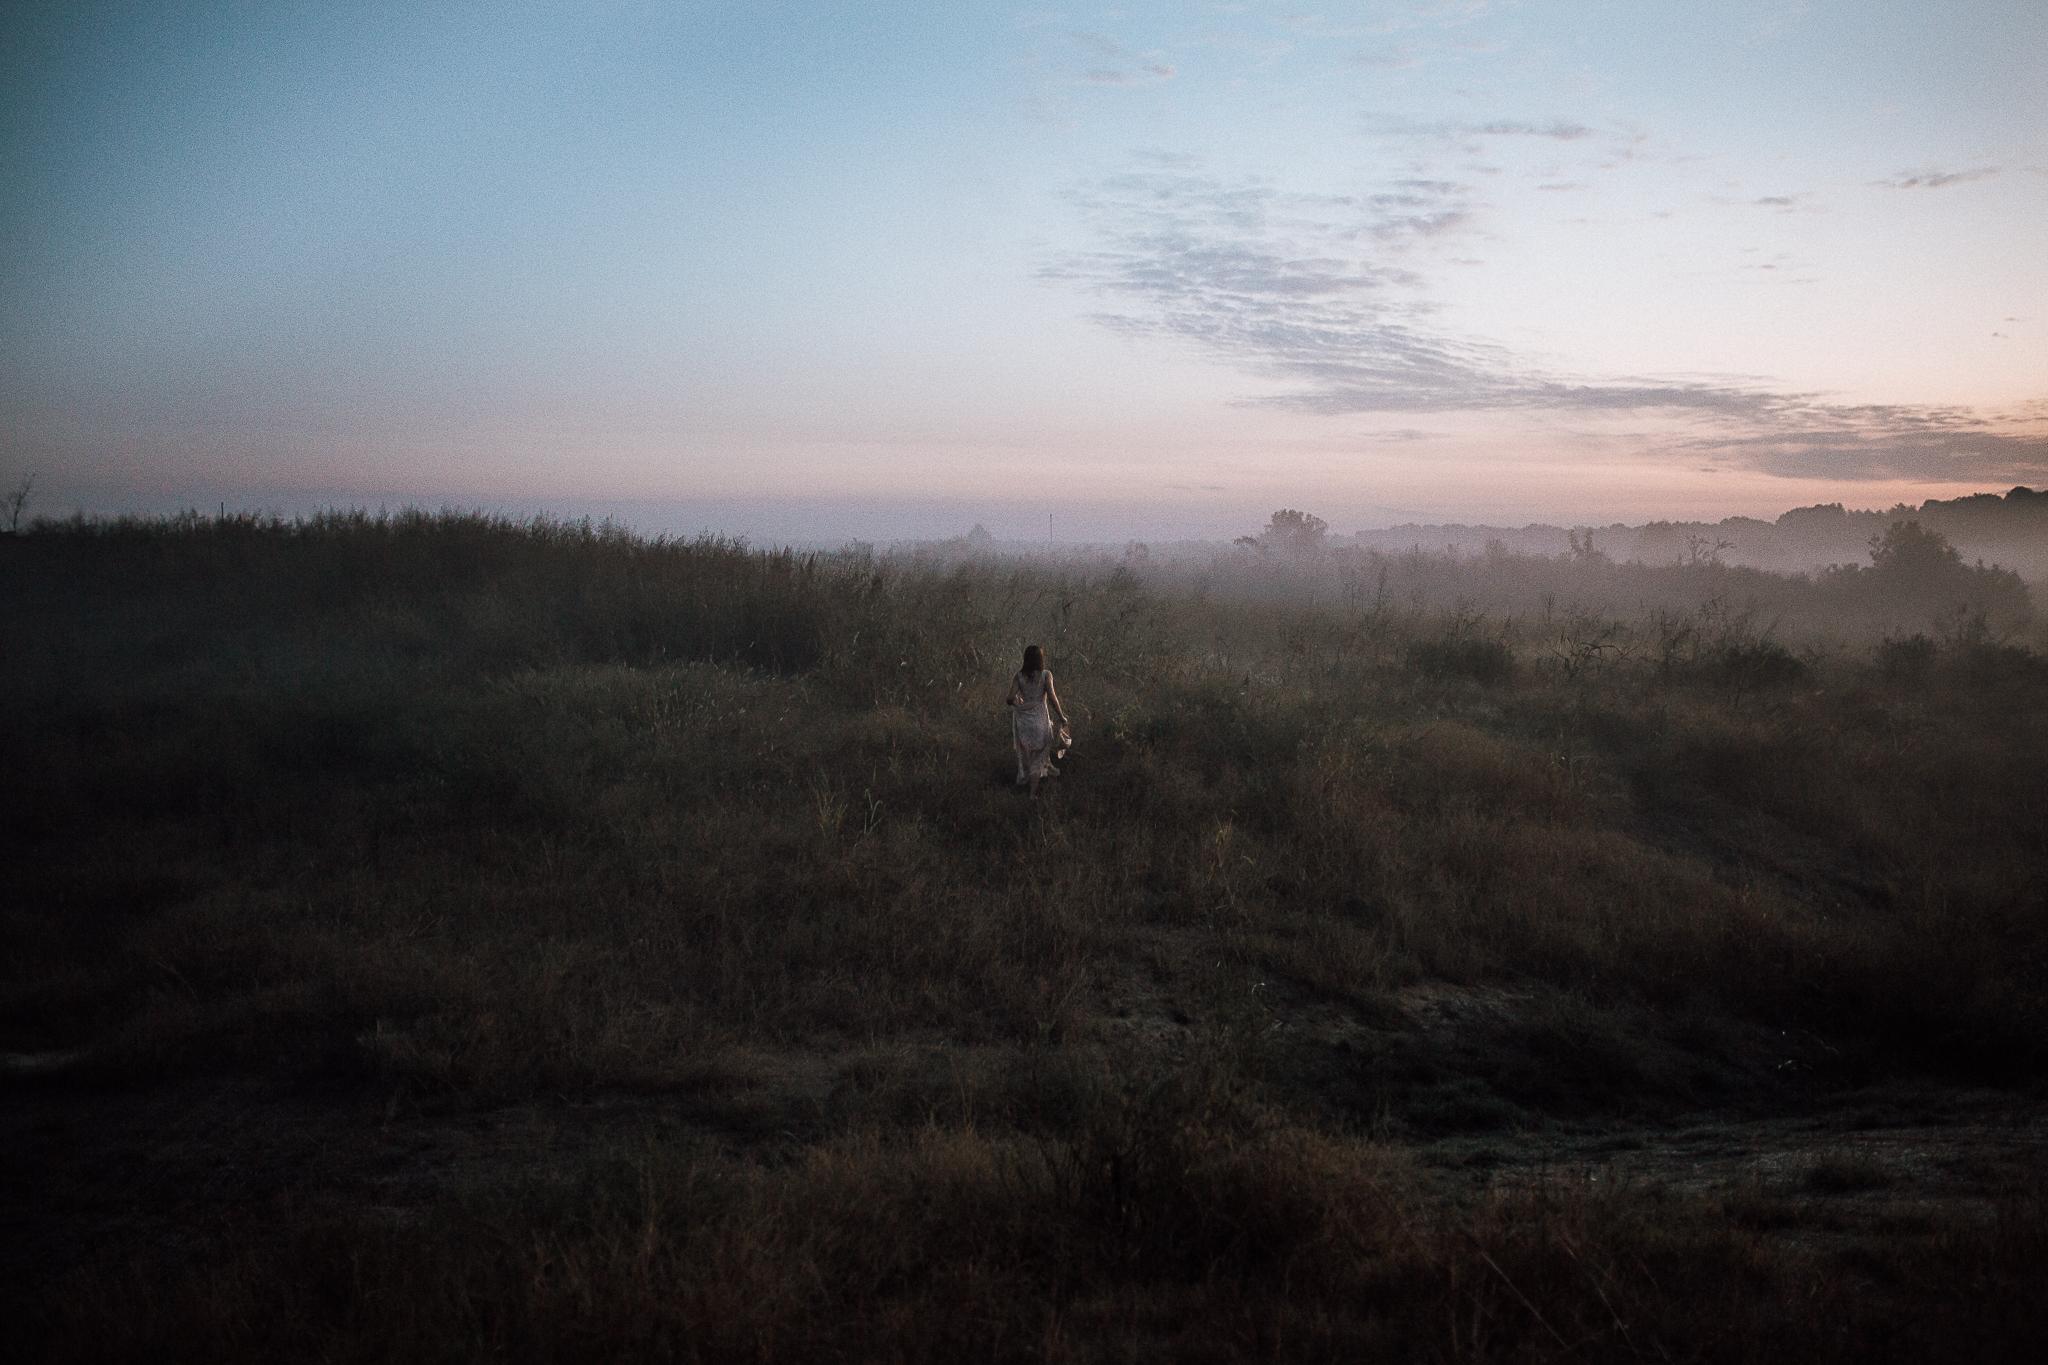 cassie-cook-photography-memphis-portrait-photographer-sunrise-pictures